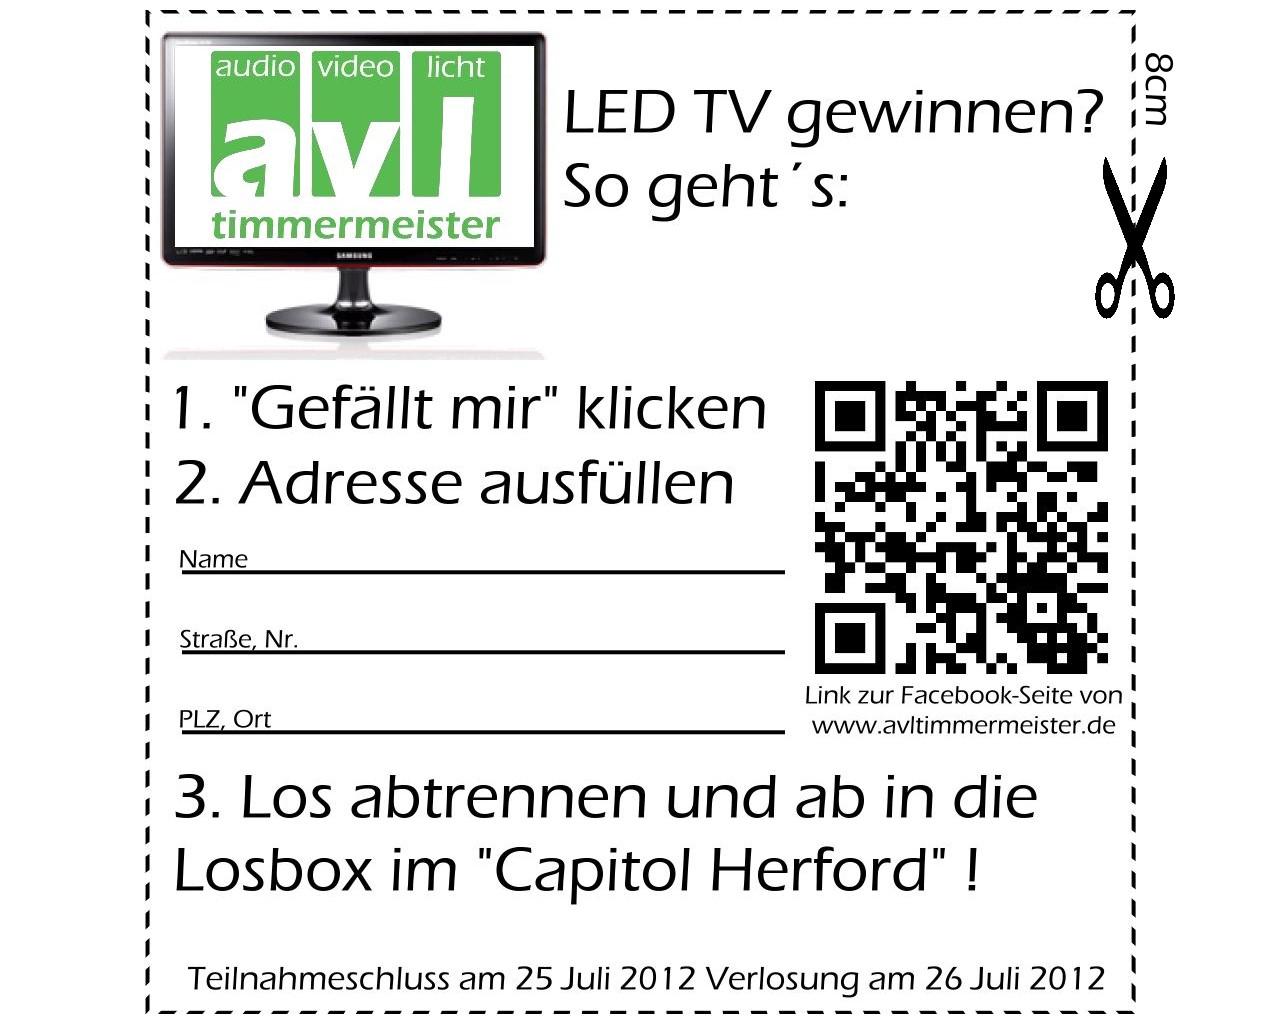 Gewinnspiel Samsung LED TV